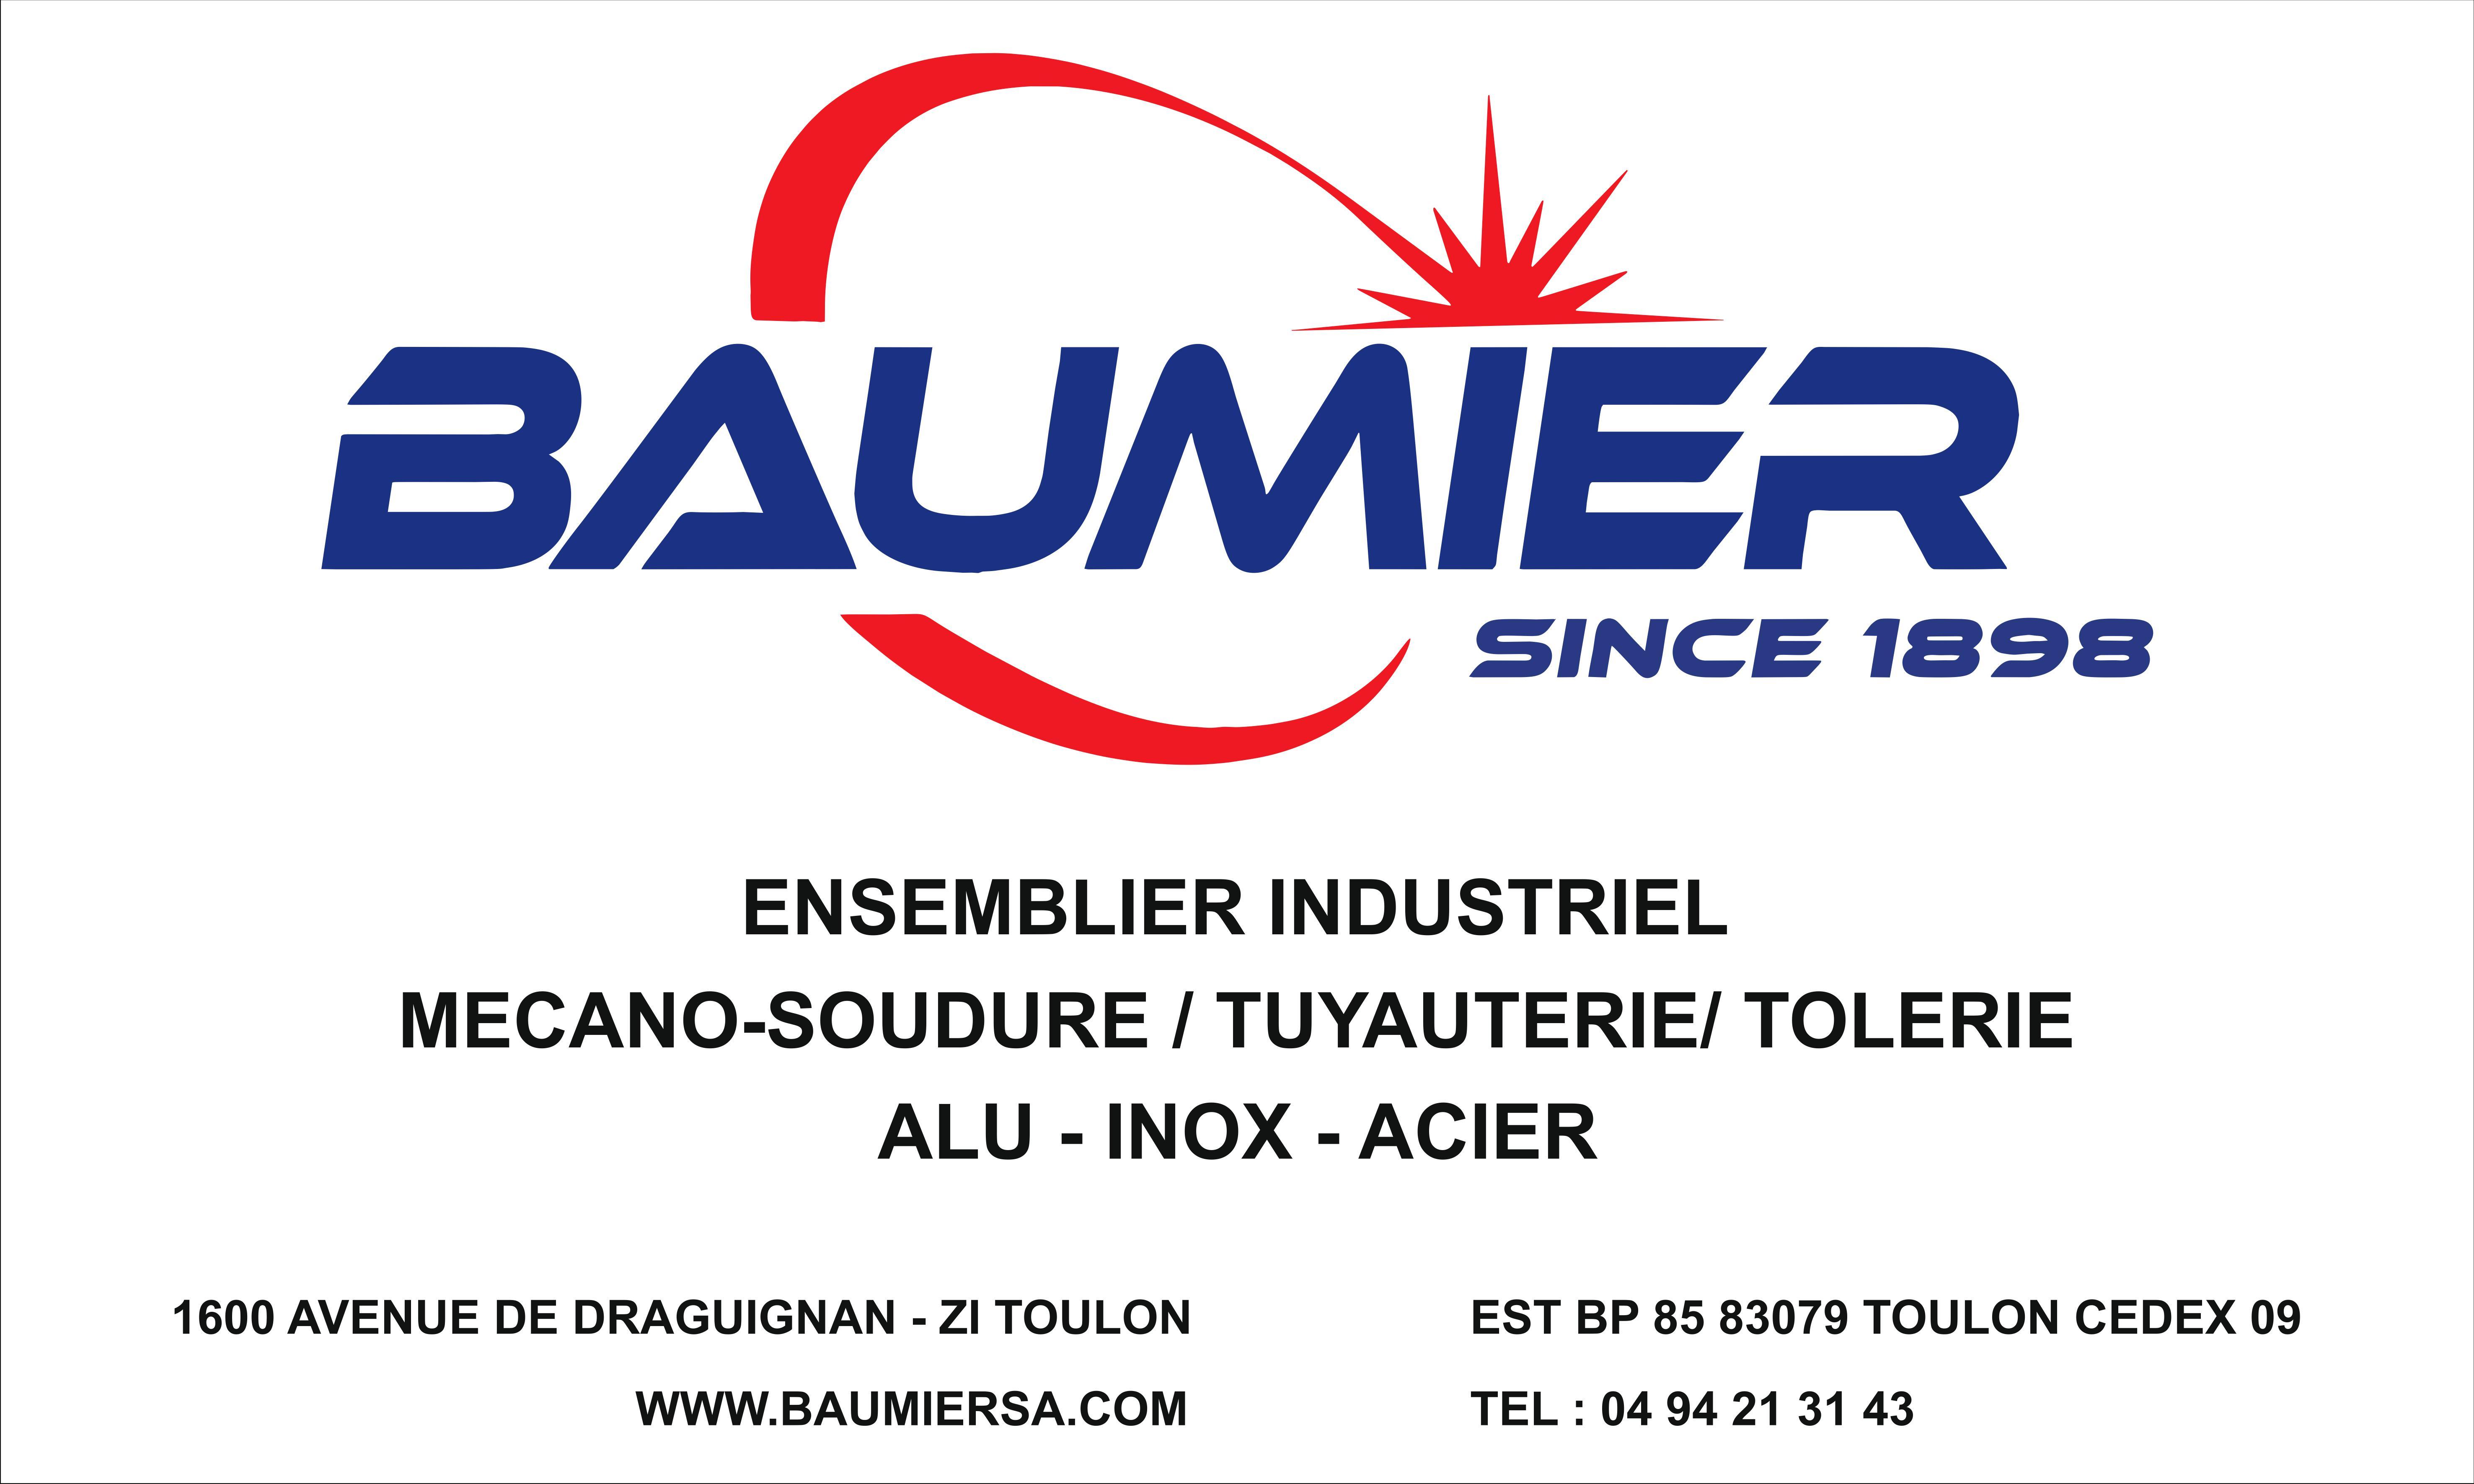 BAUMIER